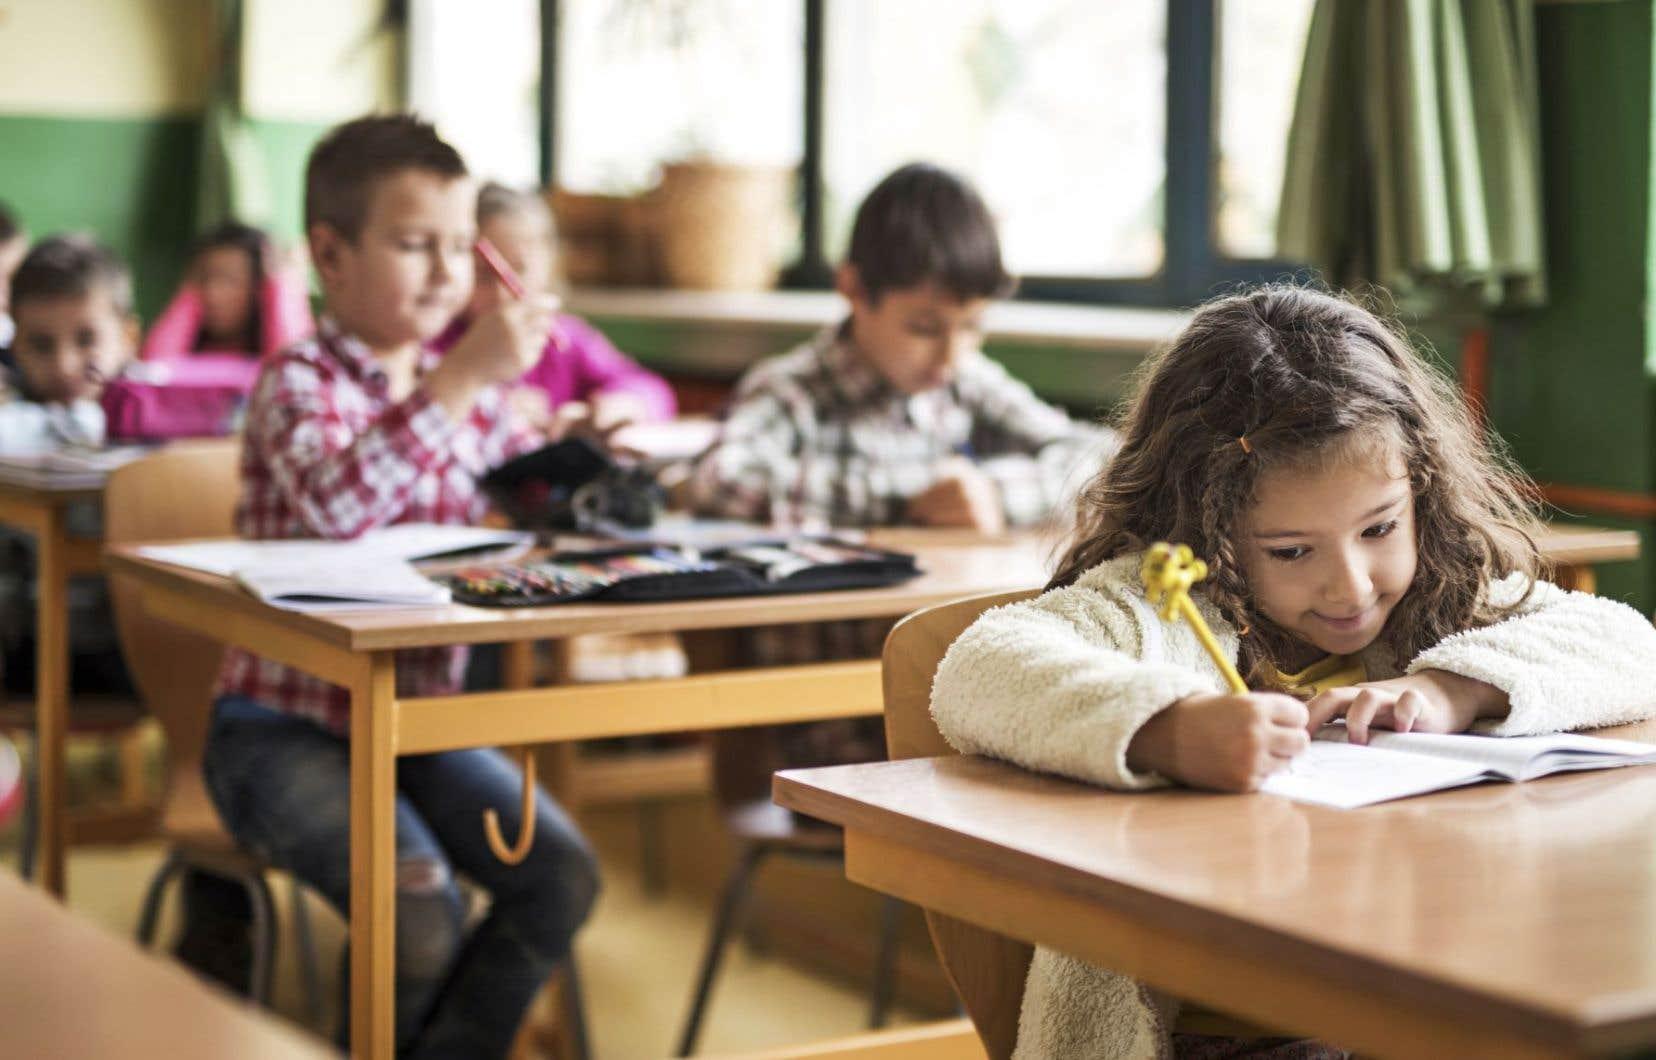 Selon l'auteur, les «privatisations» de l'école publique affectent directement la réussite des autres élèves.